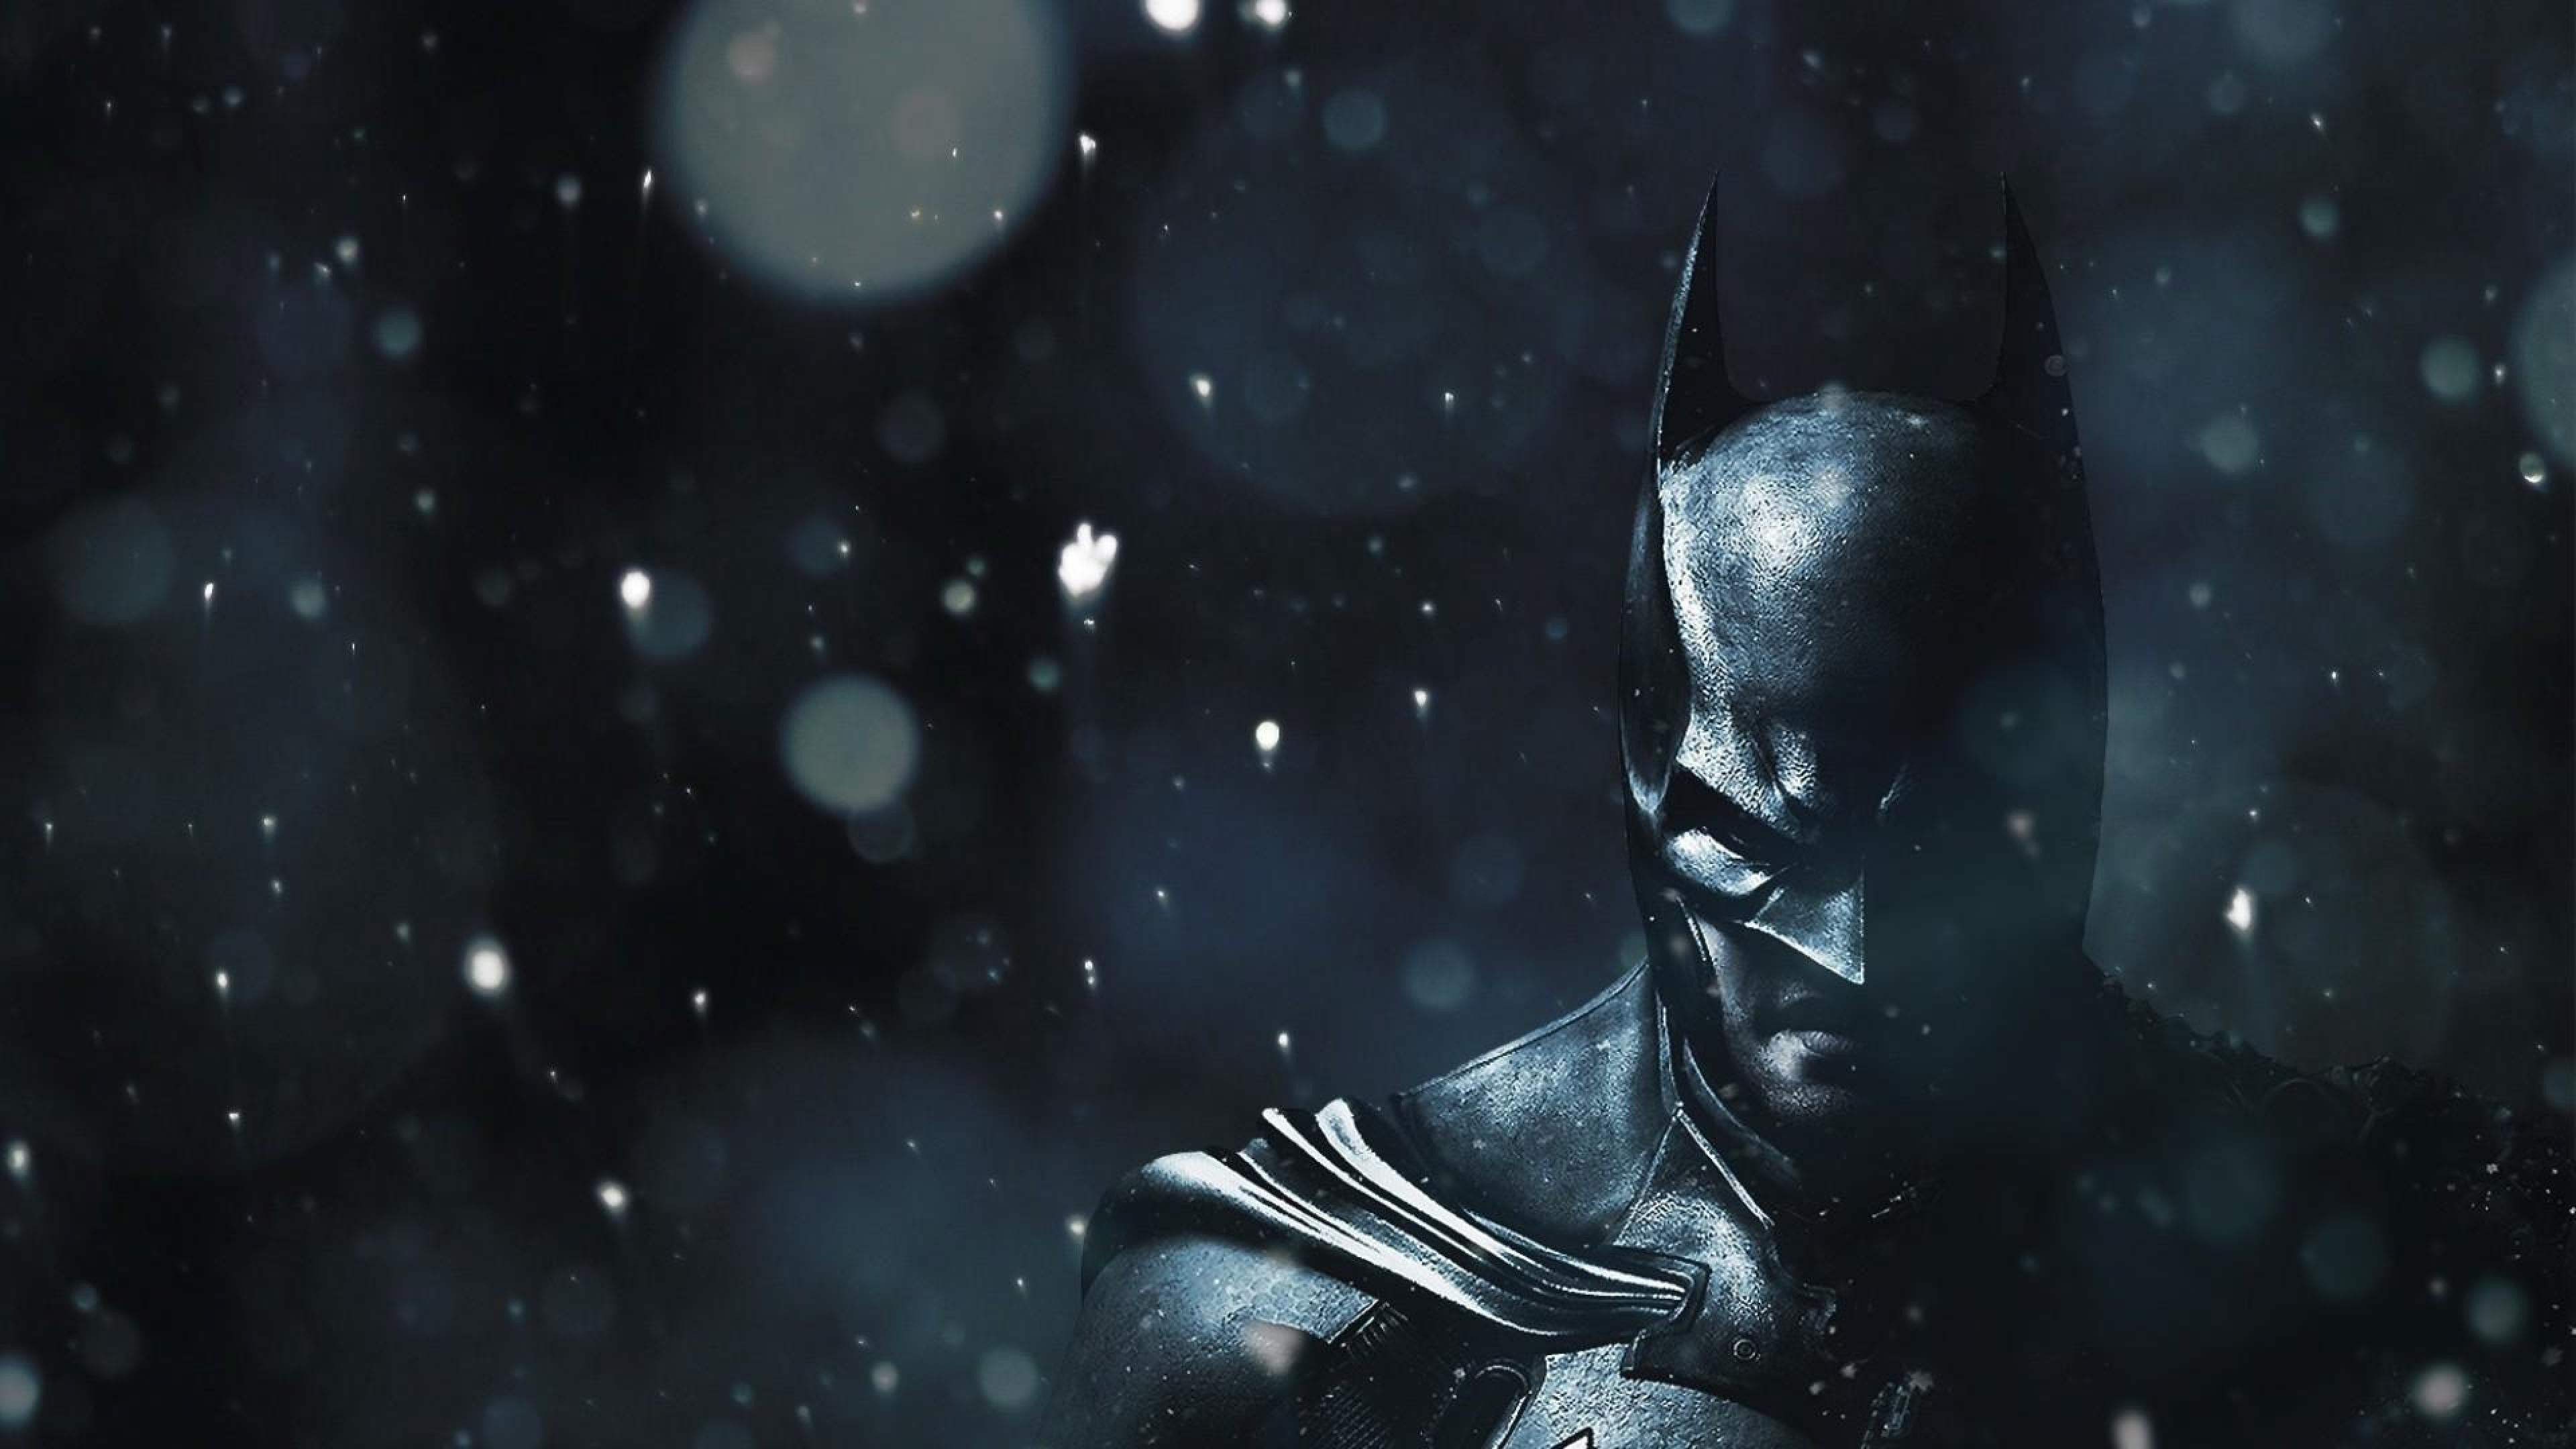 Res 3840x2160 Batman 4k Wallpaper Image 732234 In 2020 Batman Wallpaper Batman Batman Arkham Origins